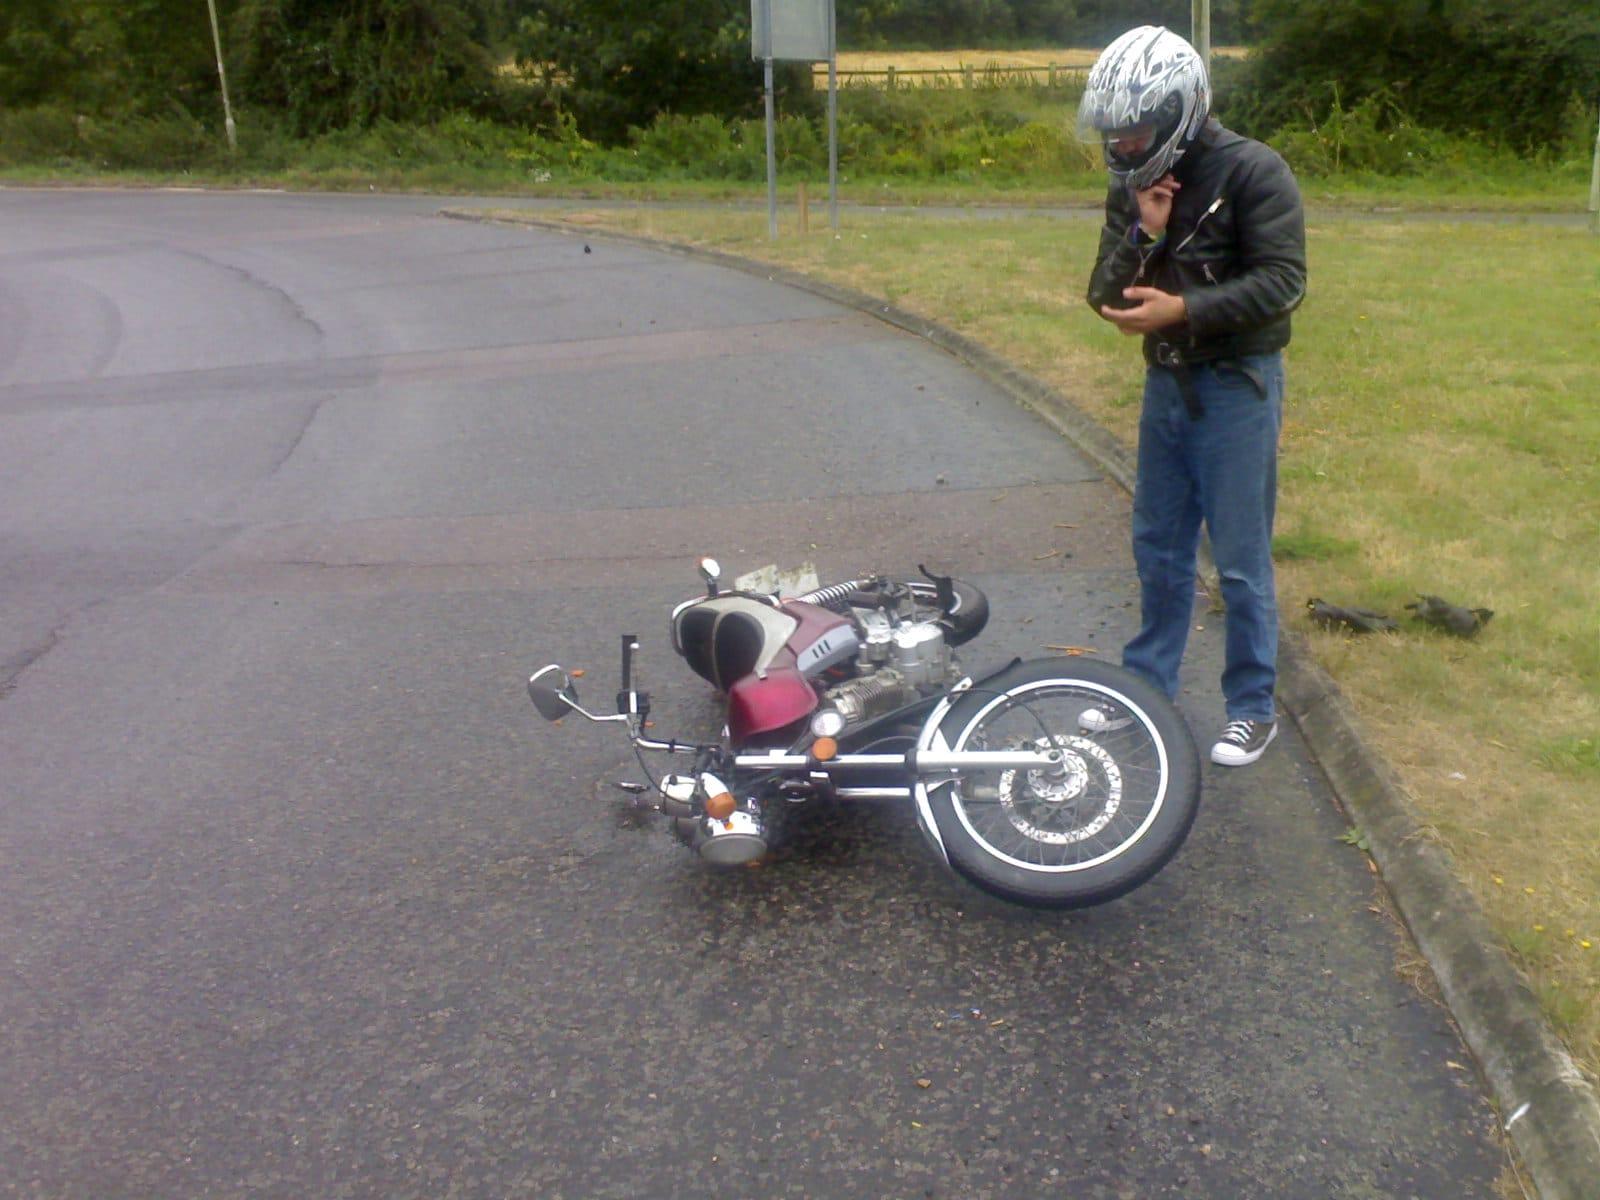 Levanta la moto después de la caída